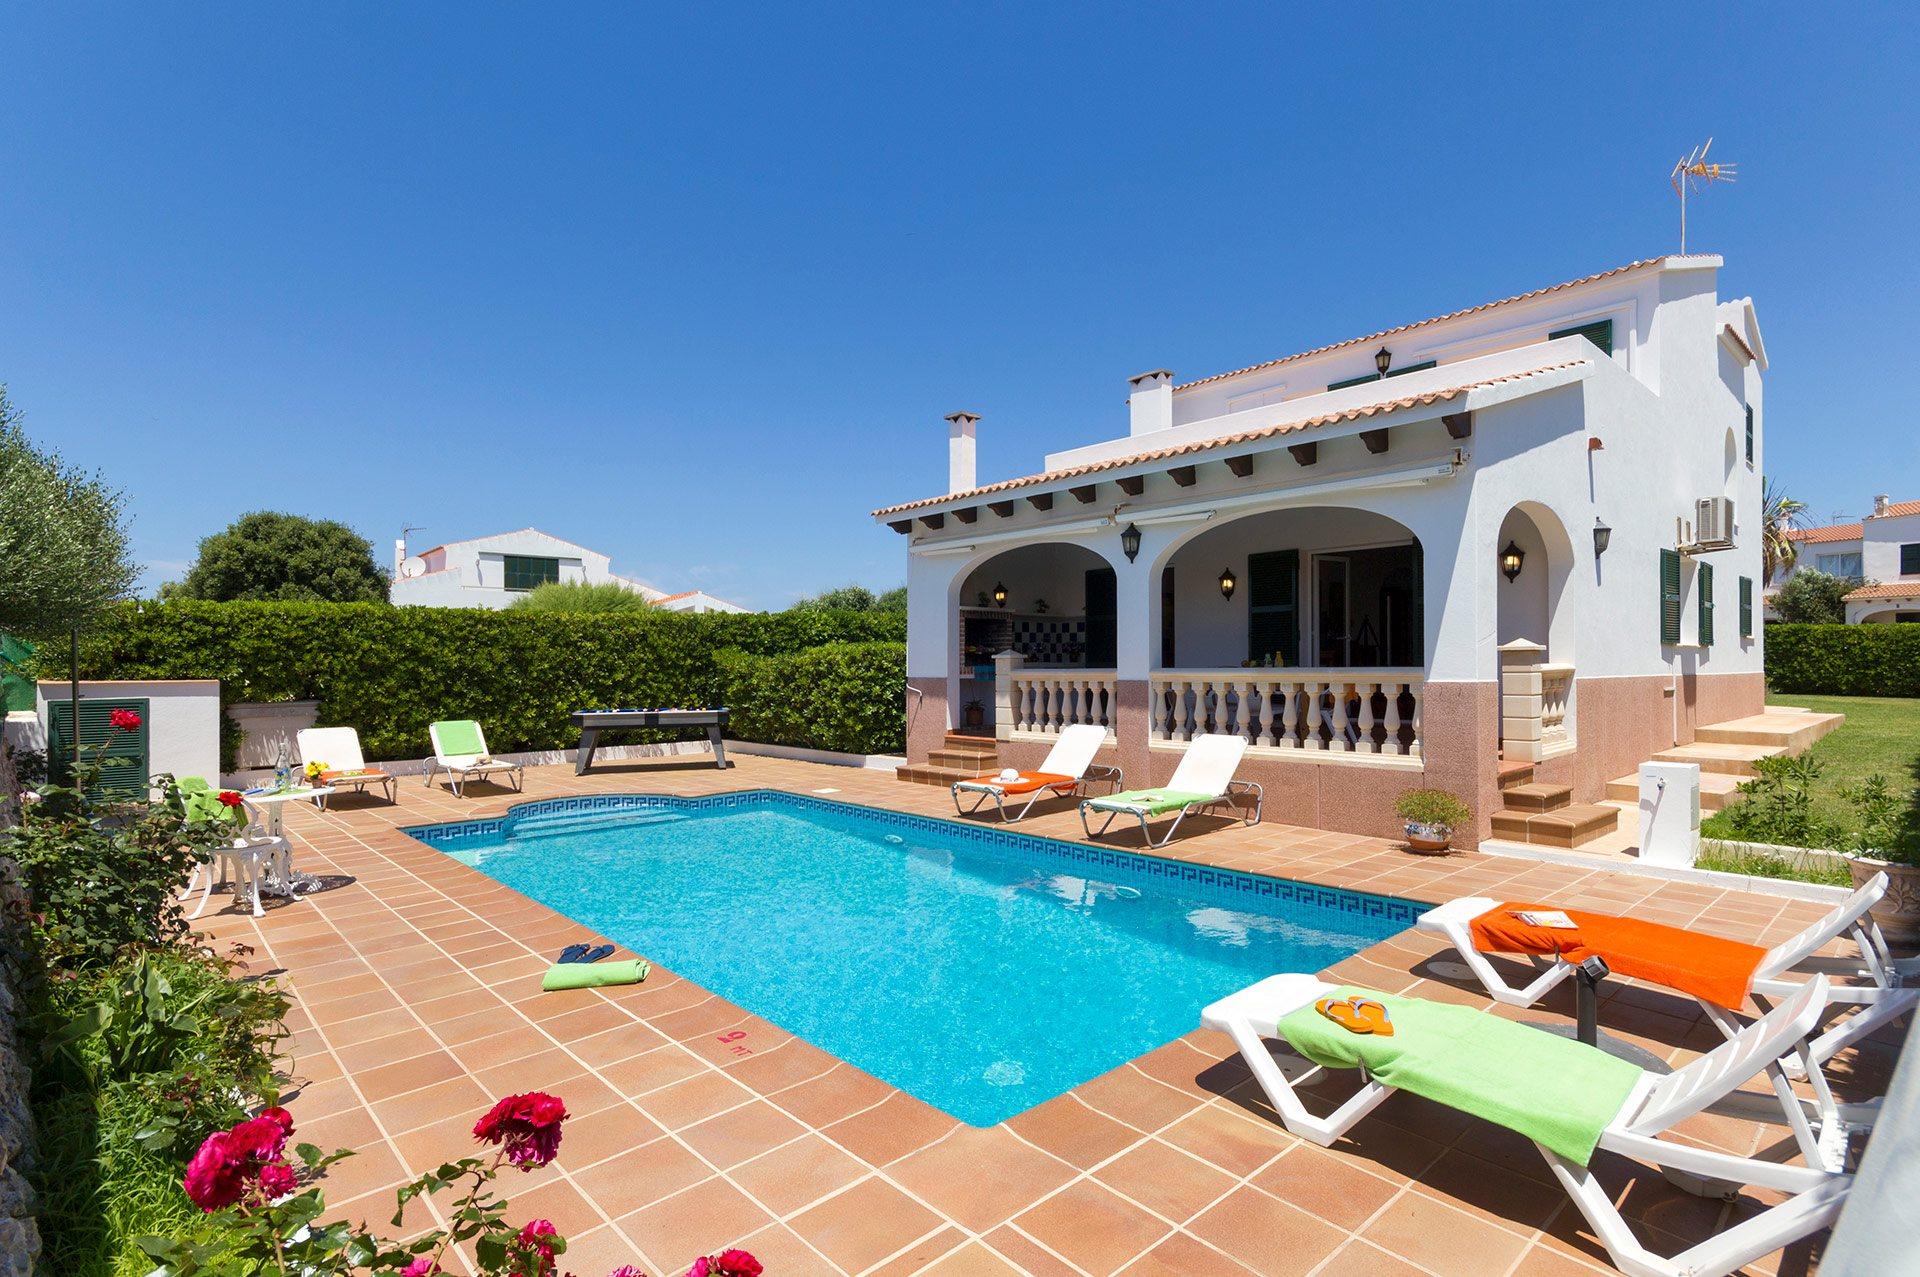 Villa Torre, Calan Forcat, Menorca, Spain